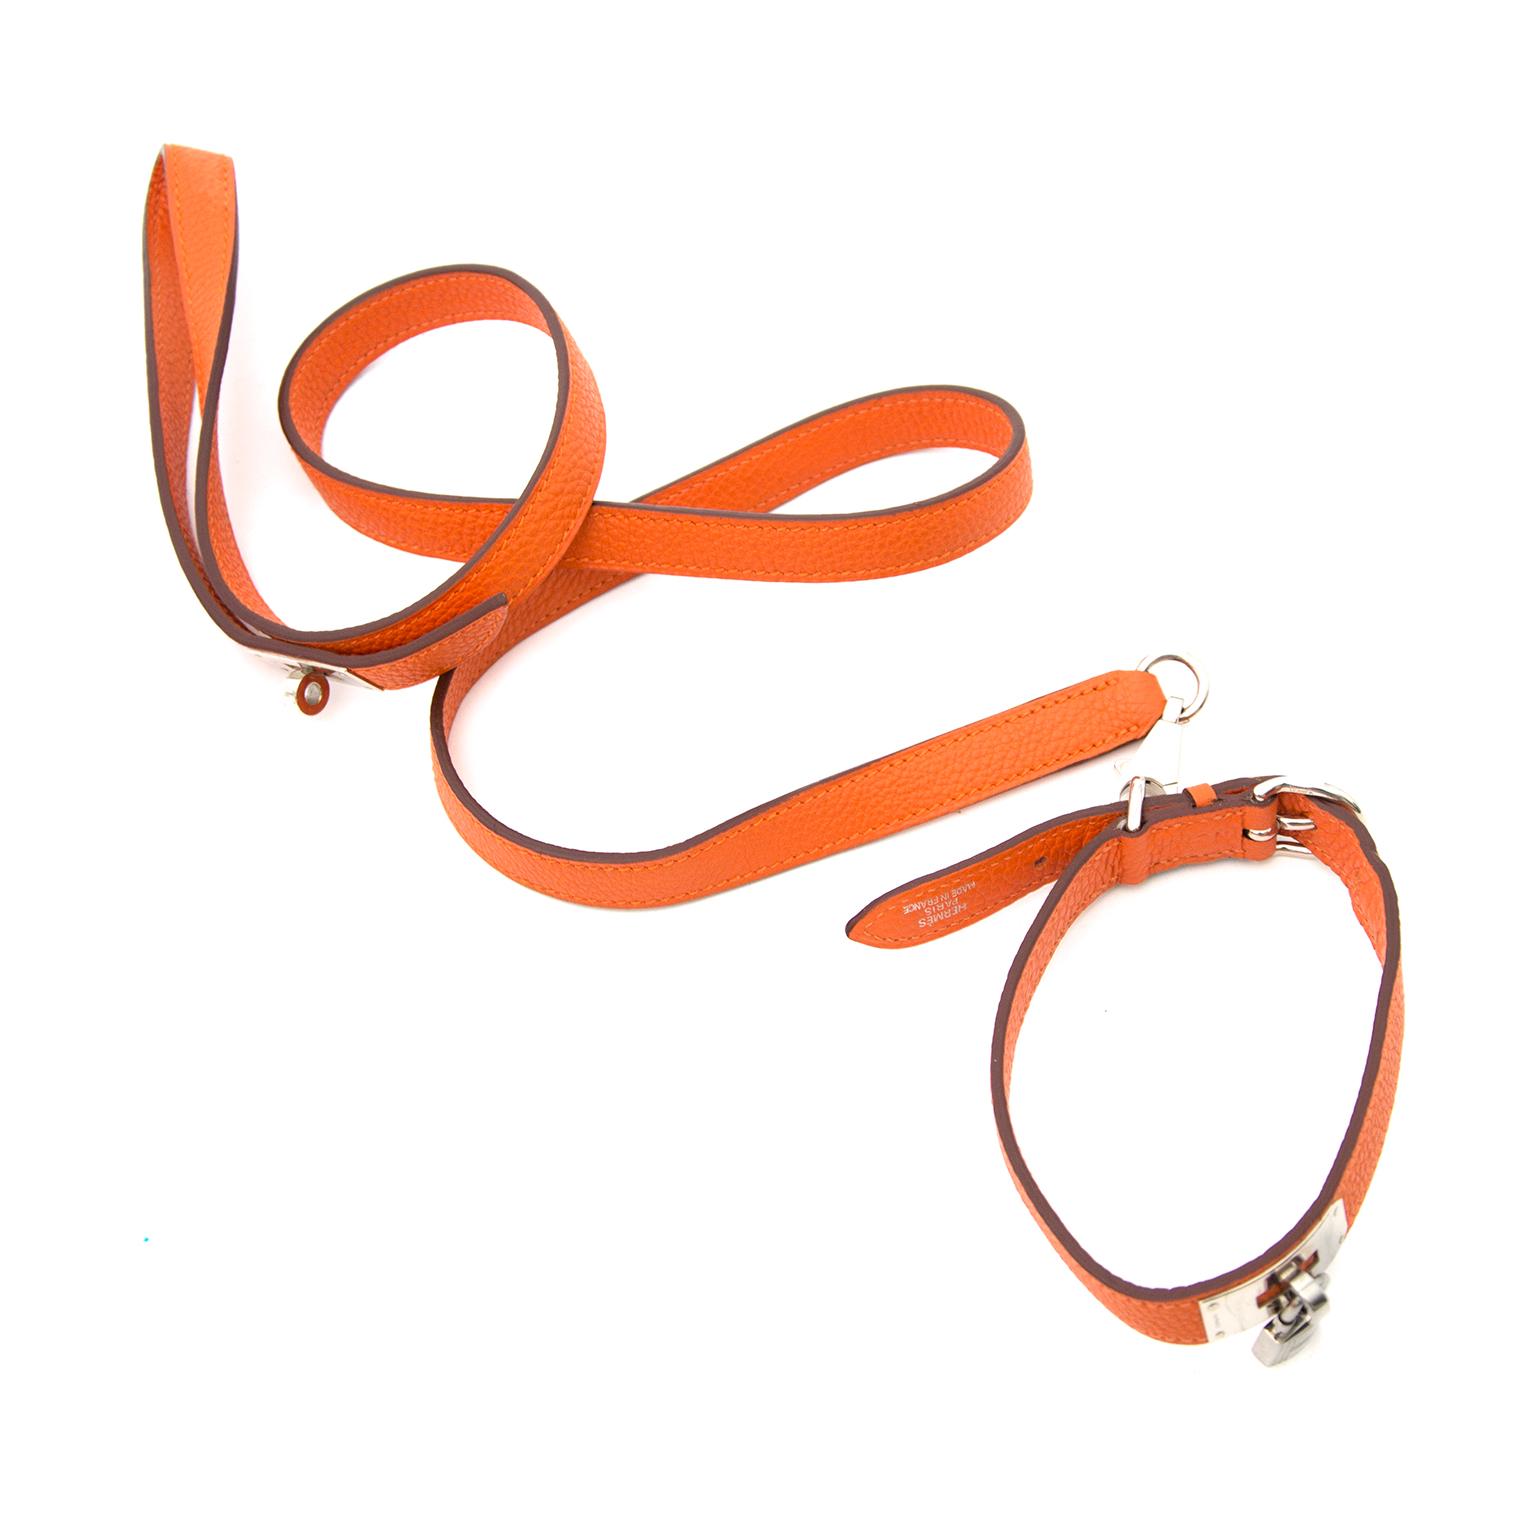 Achetez Hermès Orange Dog Leash en ligne chez Labellov.com